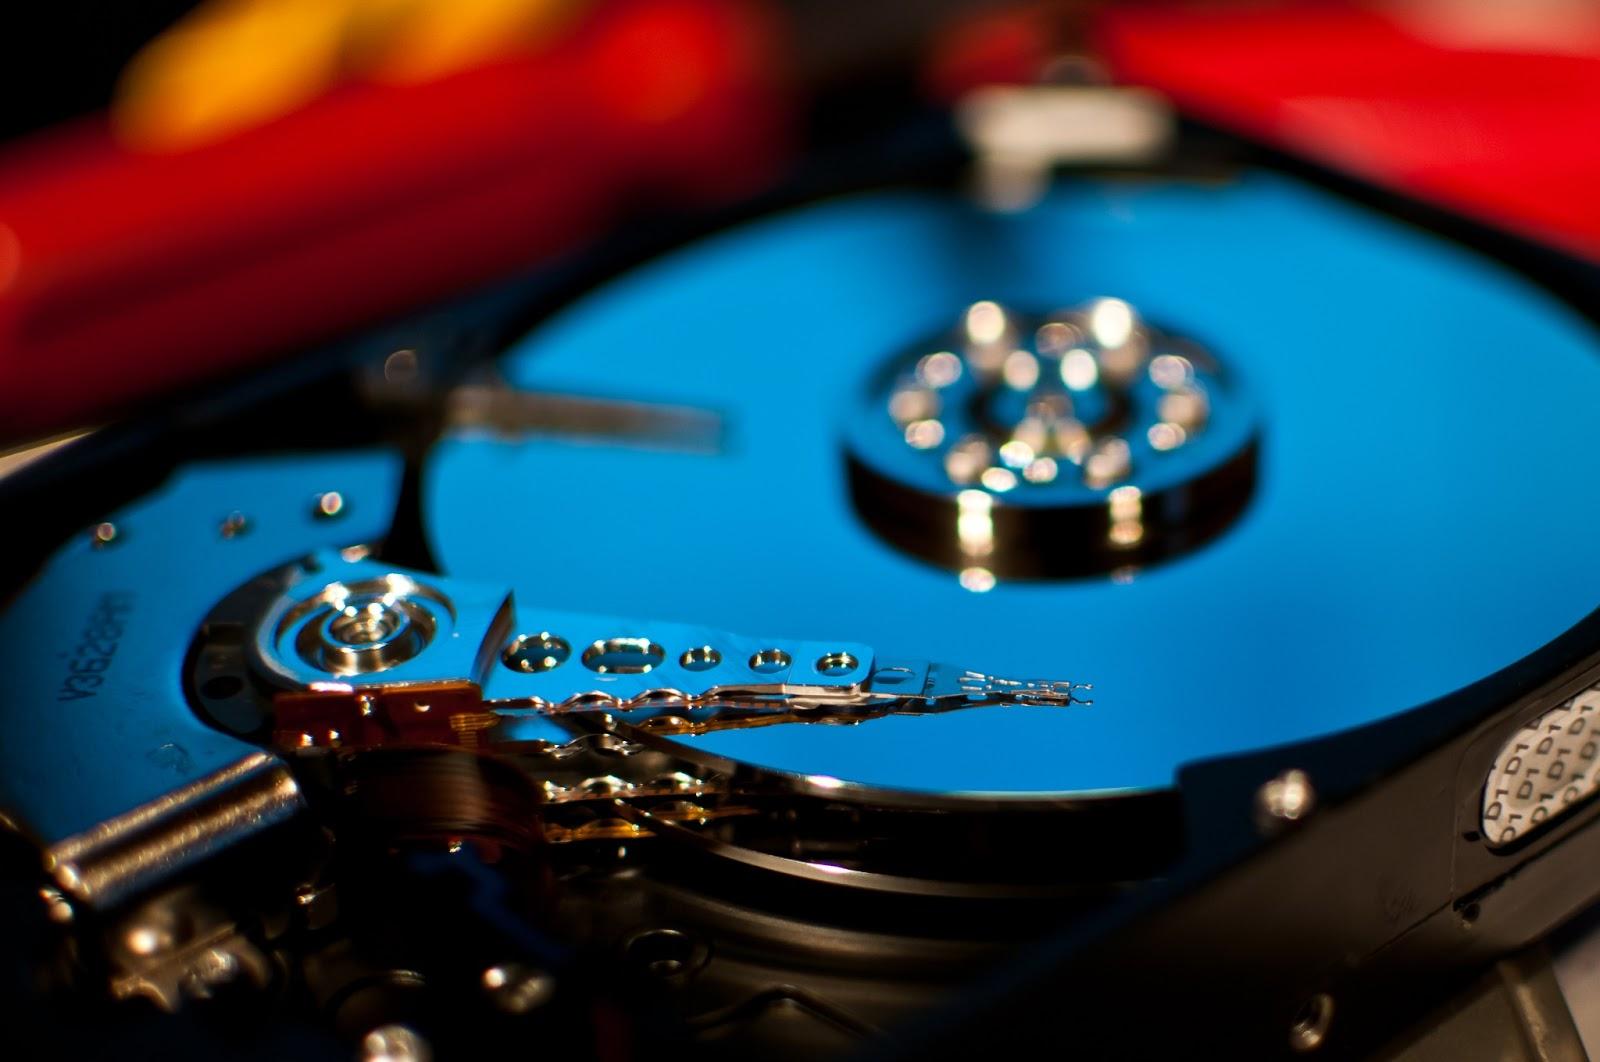 wd hard disk software download